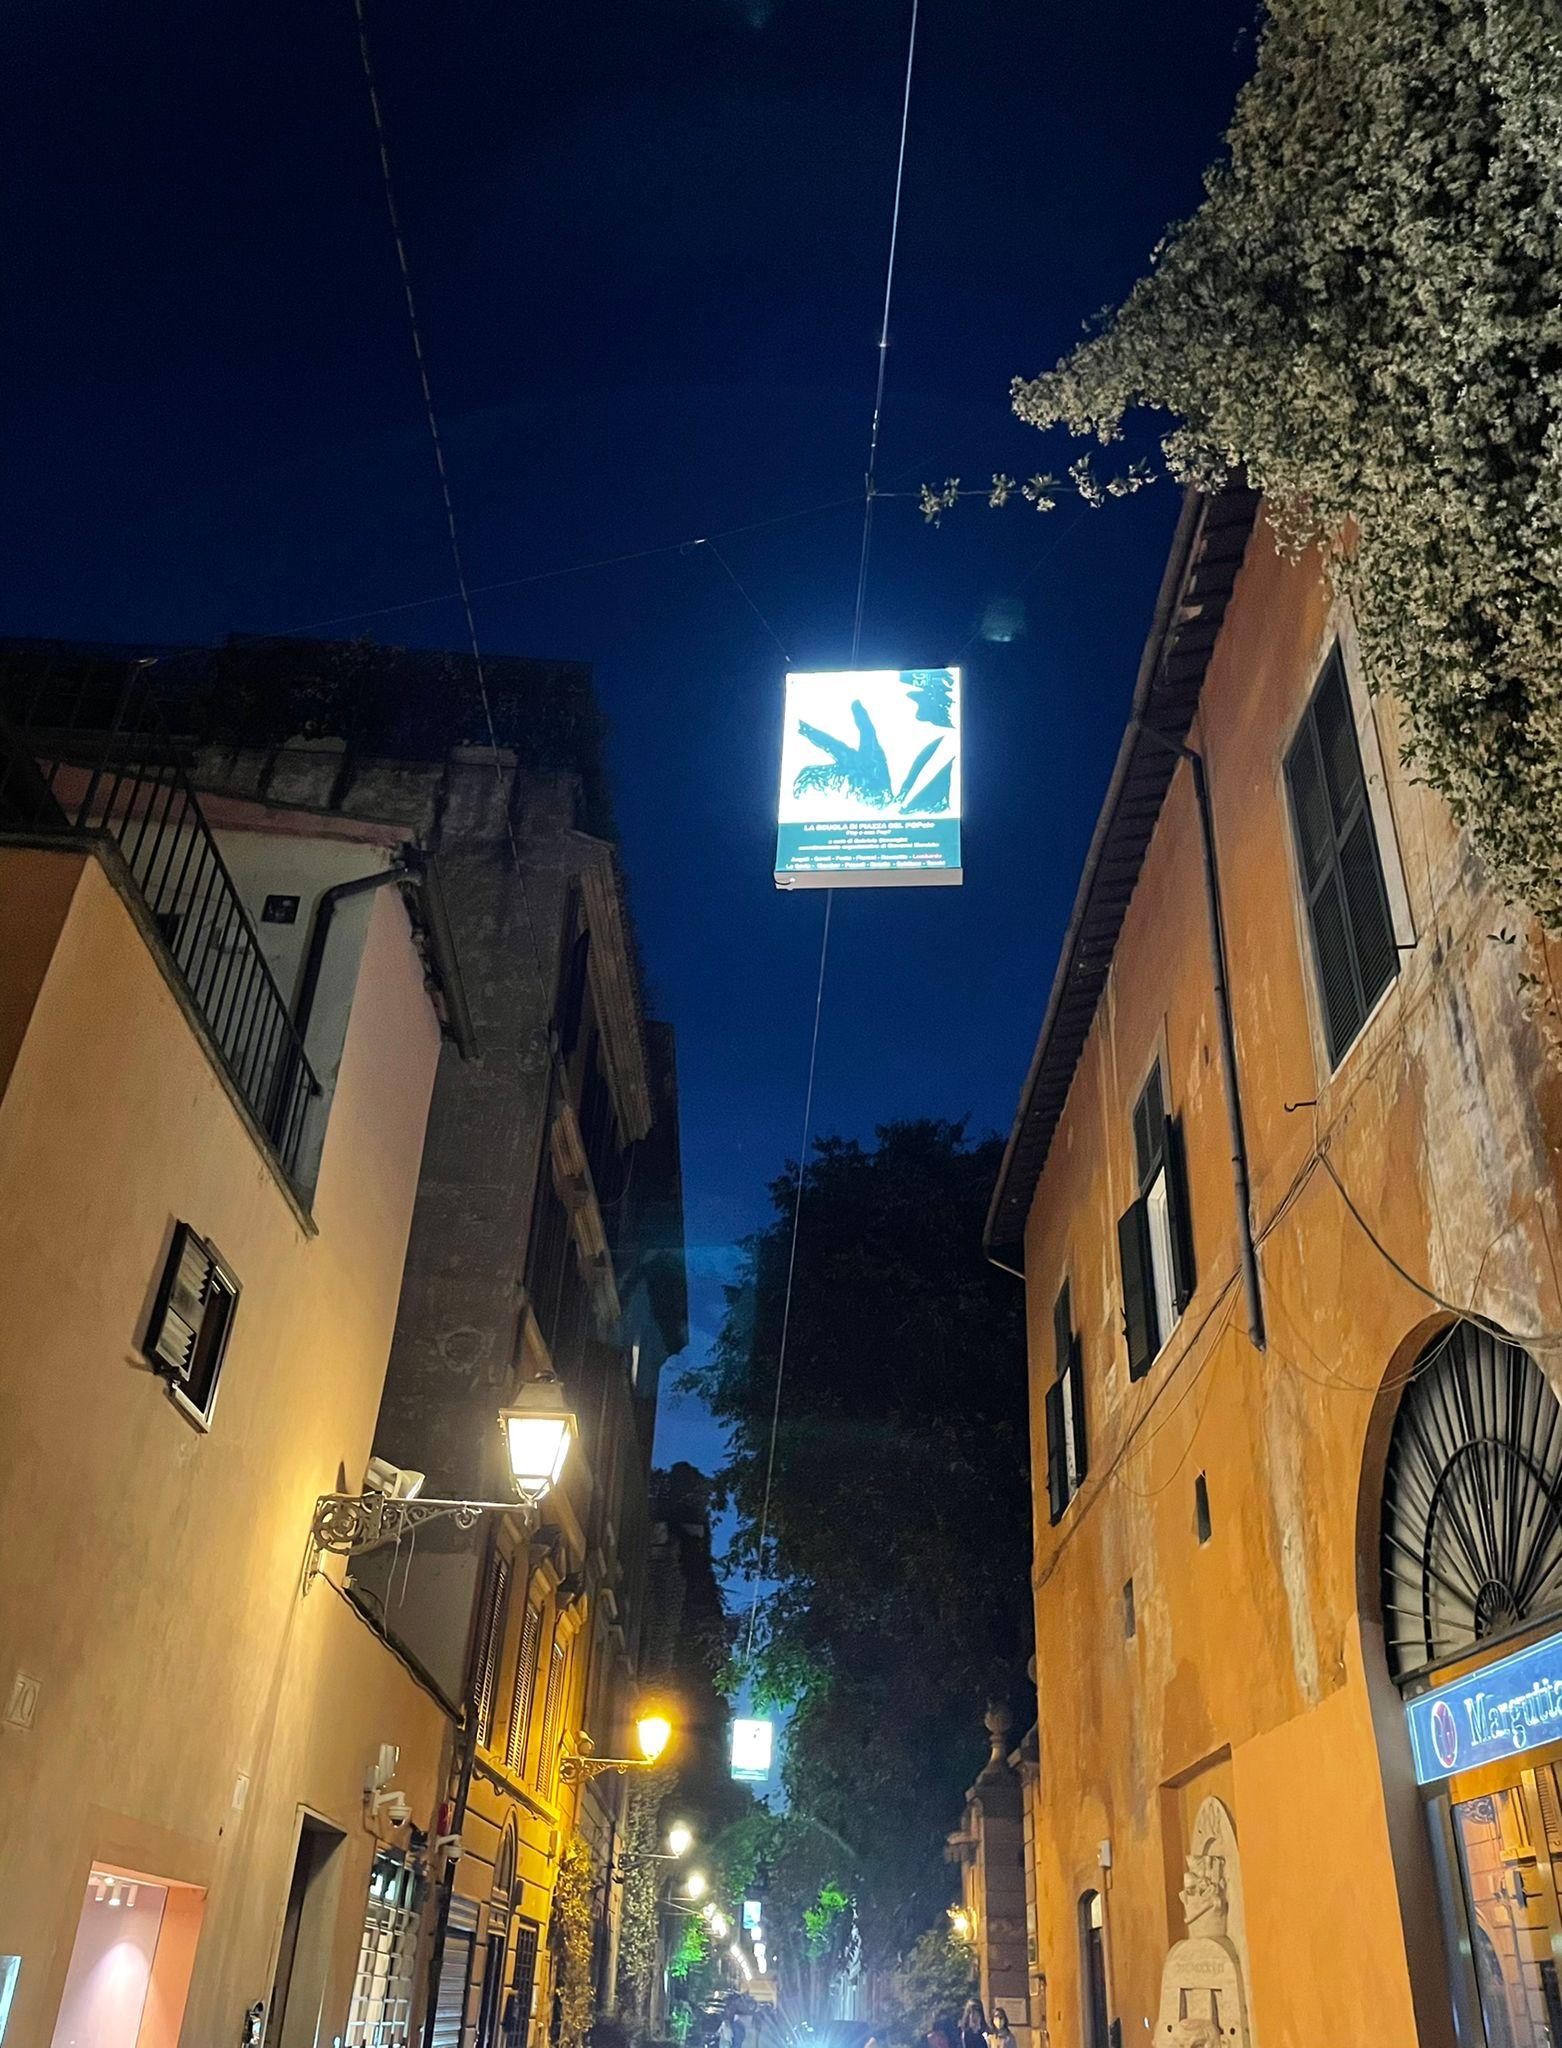 Scuola di piazza del Popolo, lightbox in via Margutta